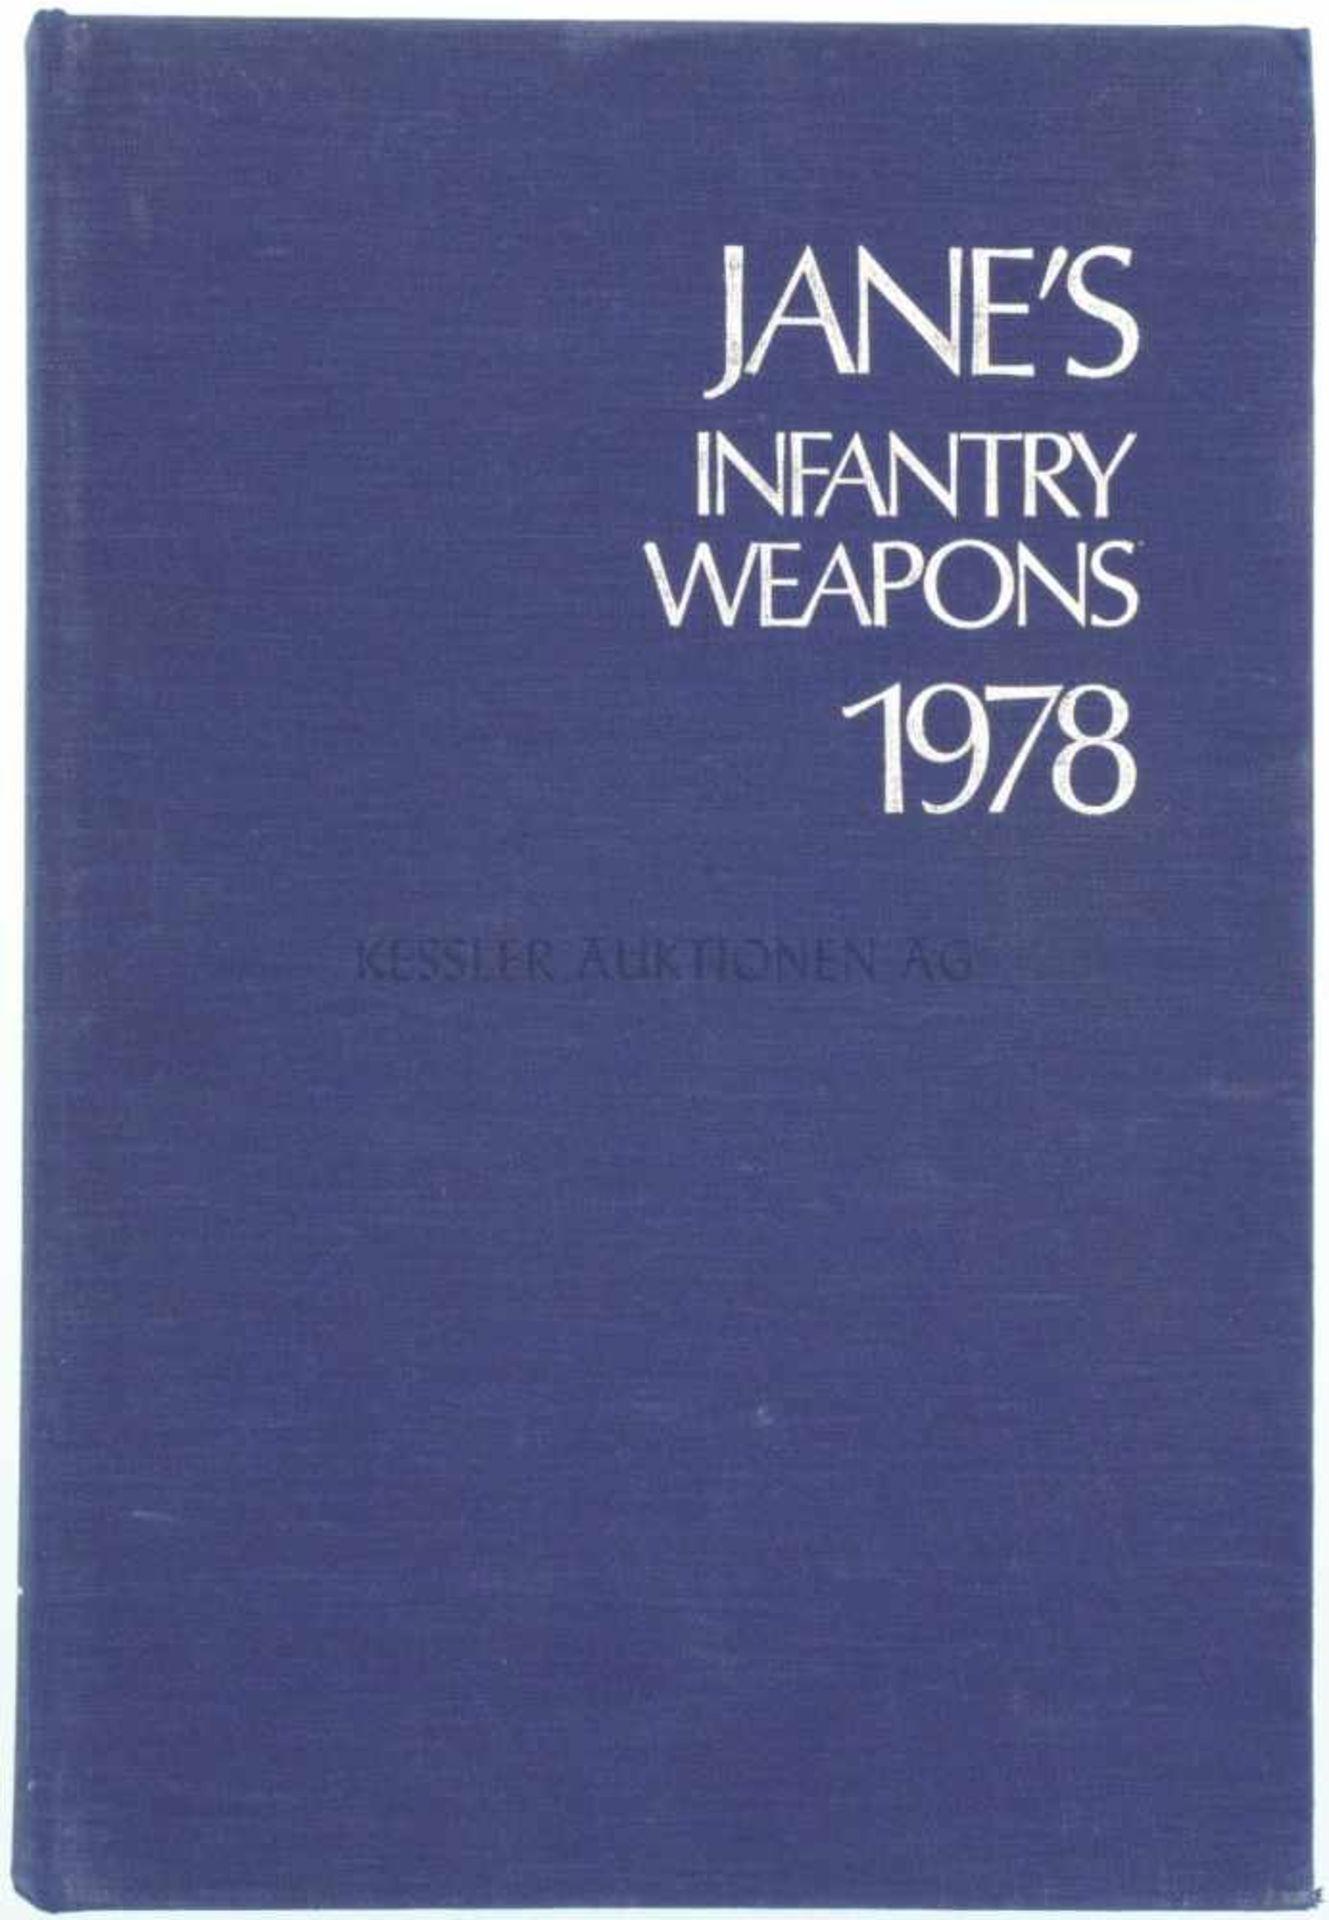 Jane's Infantry Weapons, 1978 4. Auflage, von Denis H.R. Archer MA, 782 Seiten mit diversen